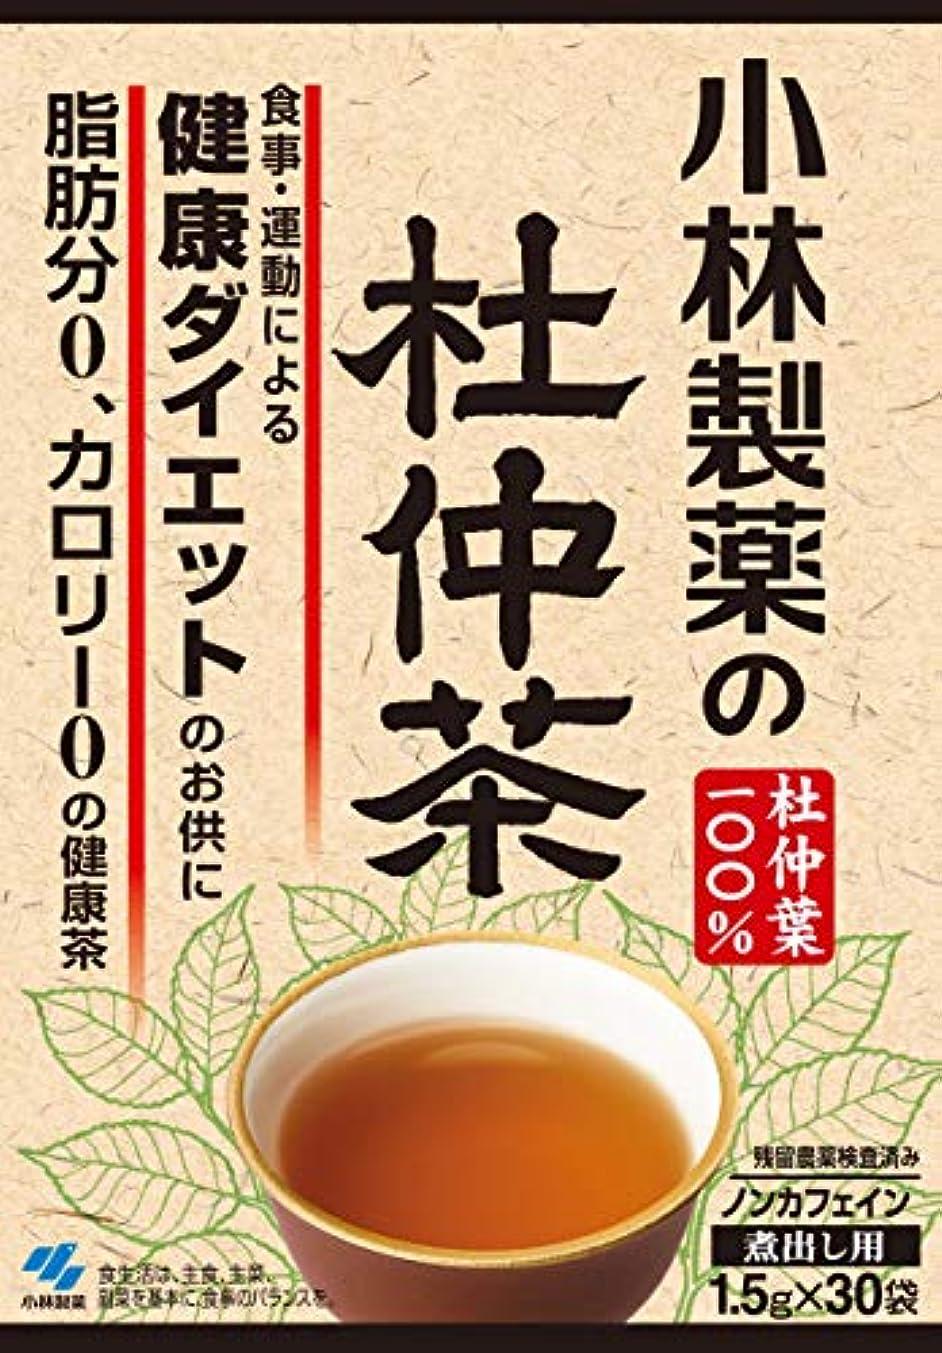 カーテンつかむドライブ小林製薬の杜仲茶 (煮出し用) 1.5g×30袋